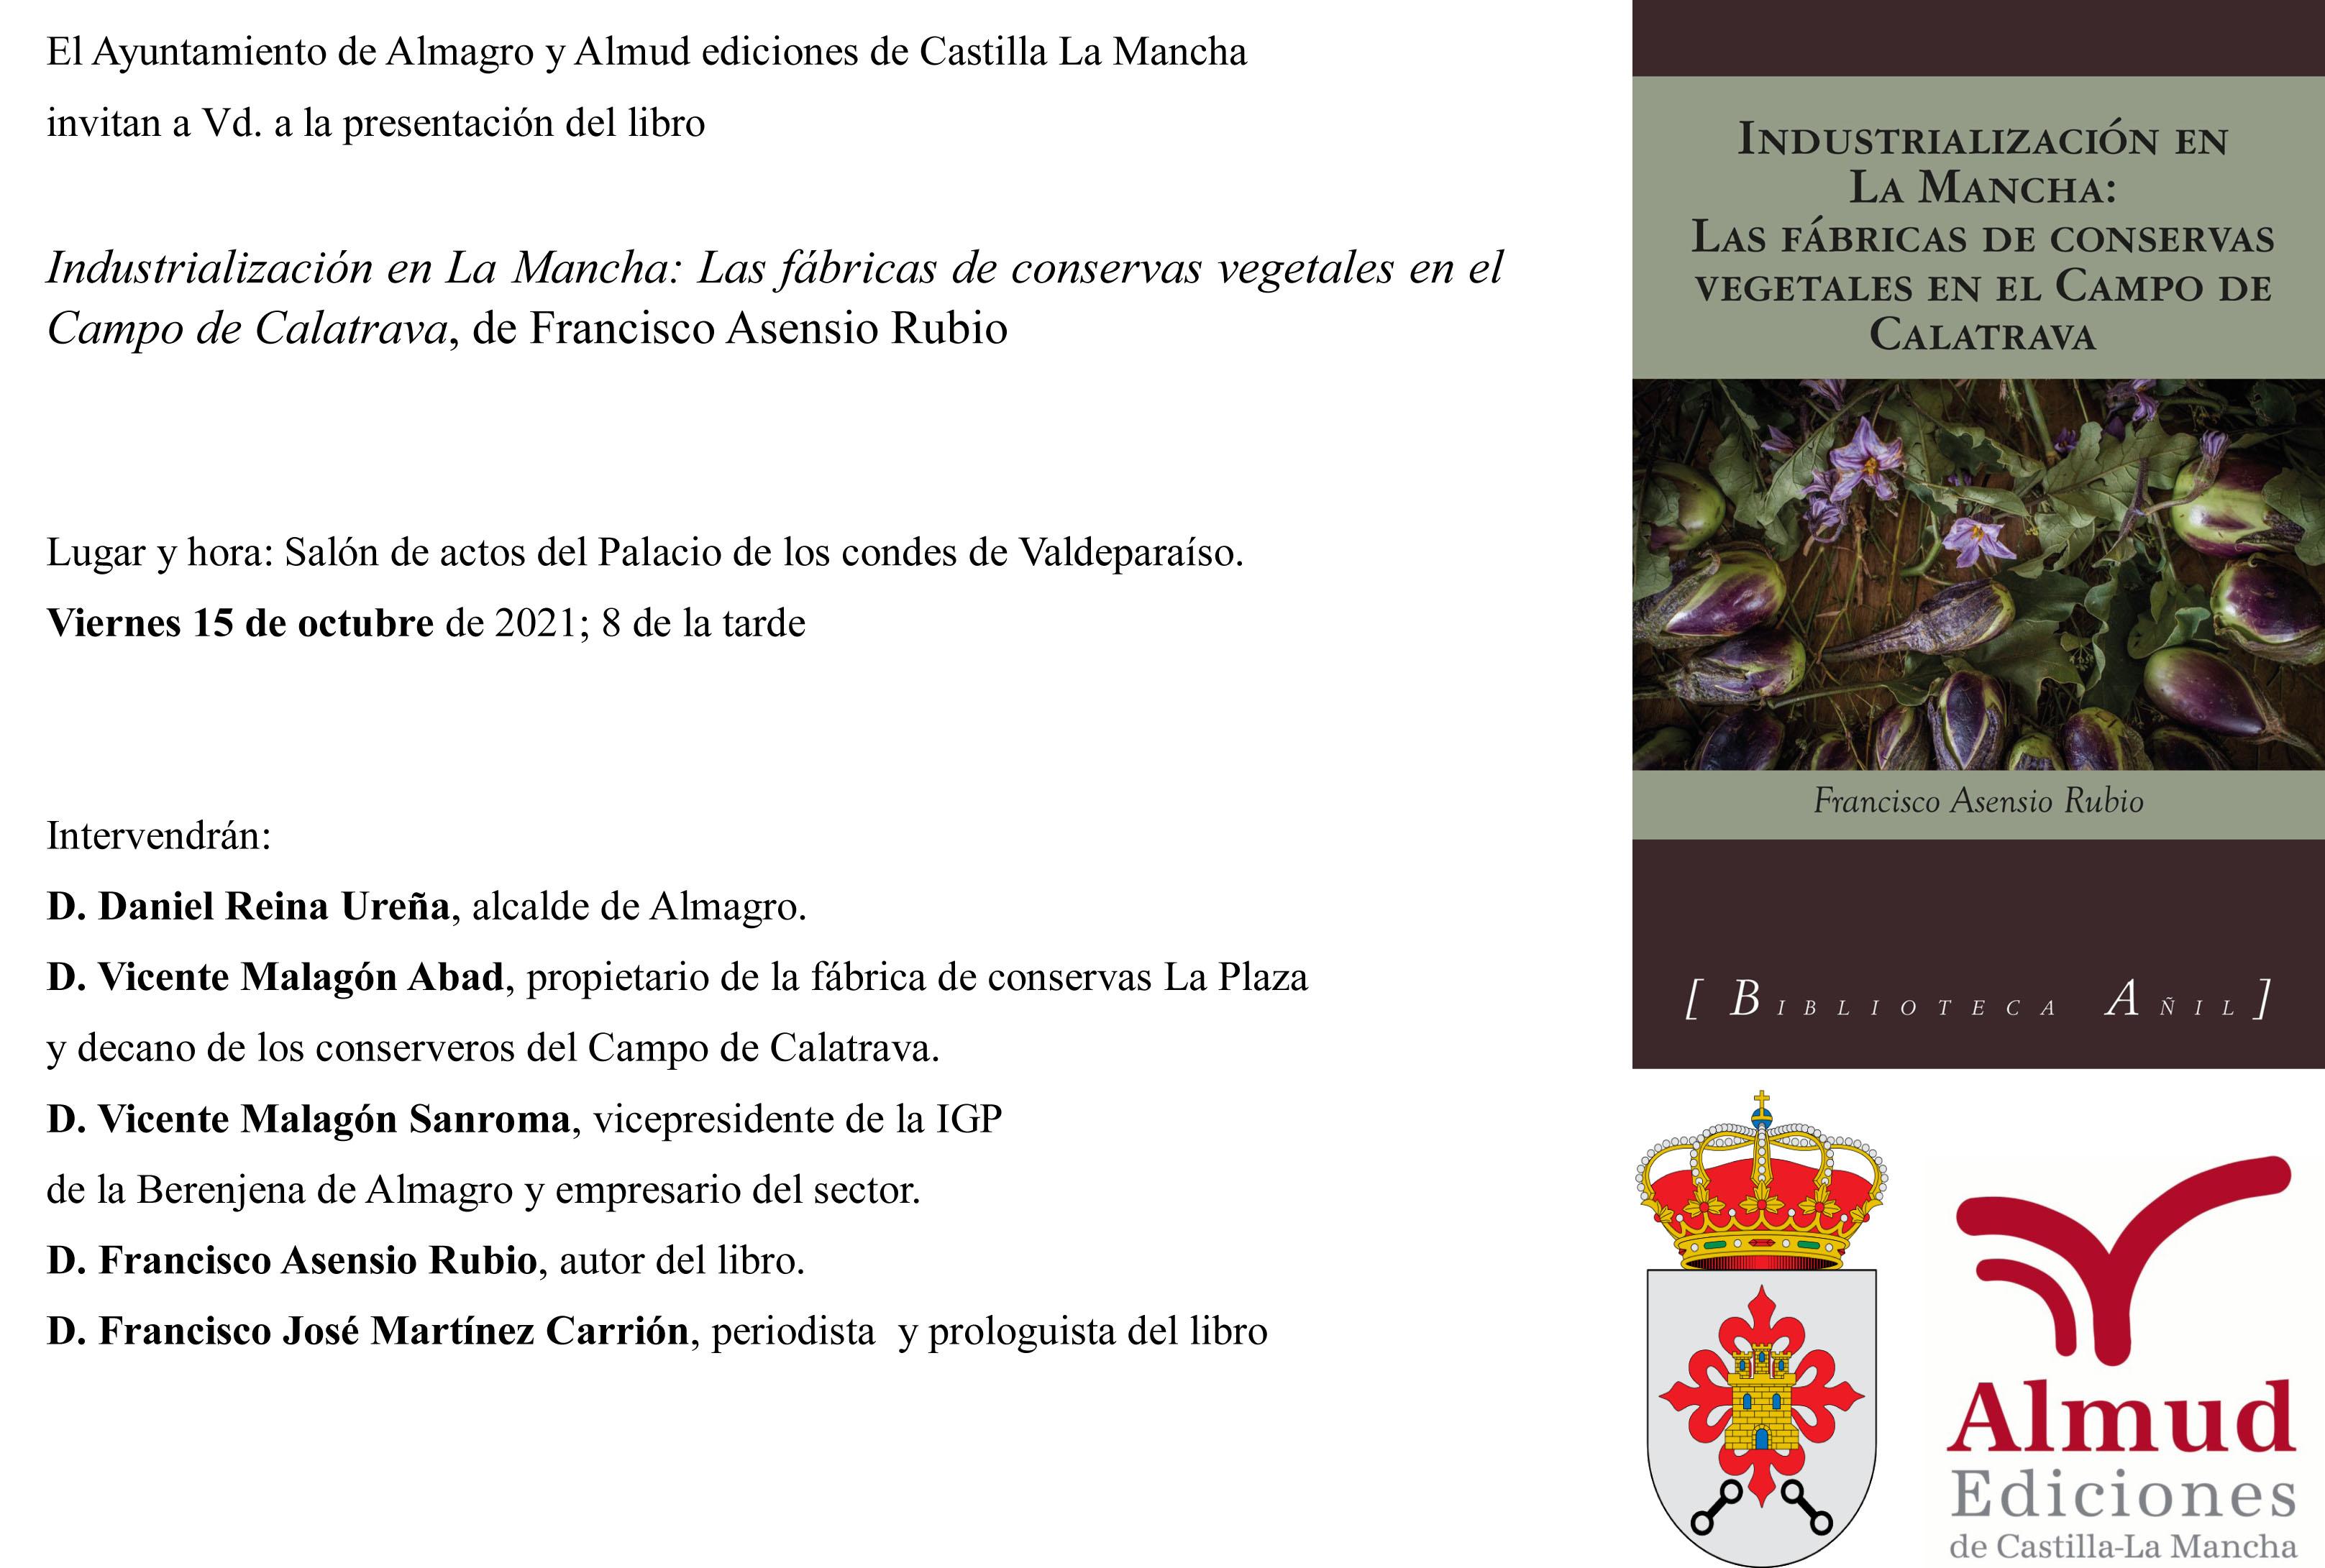 Presentación del libro Industrialización en La Mancha: Las fábricas de conservas vegetales en el Campo de Calatrava de Francisco Asensio